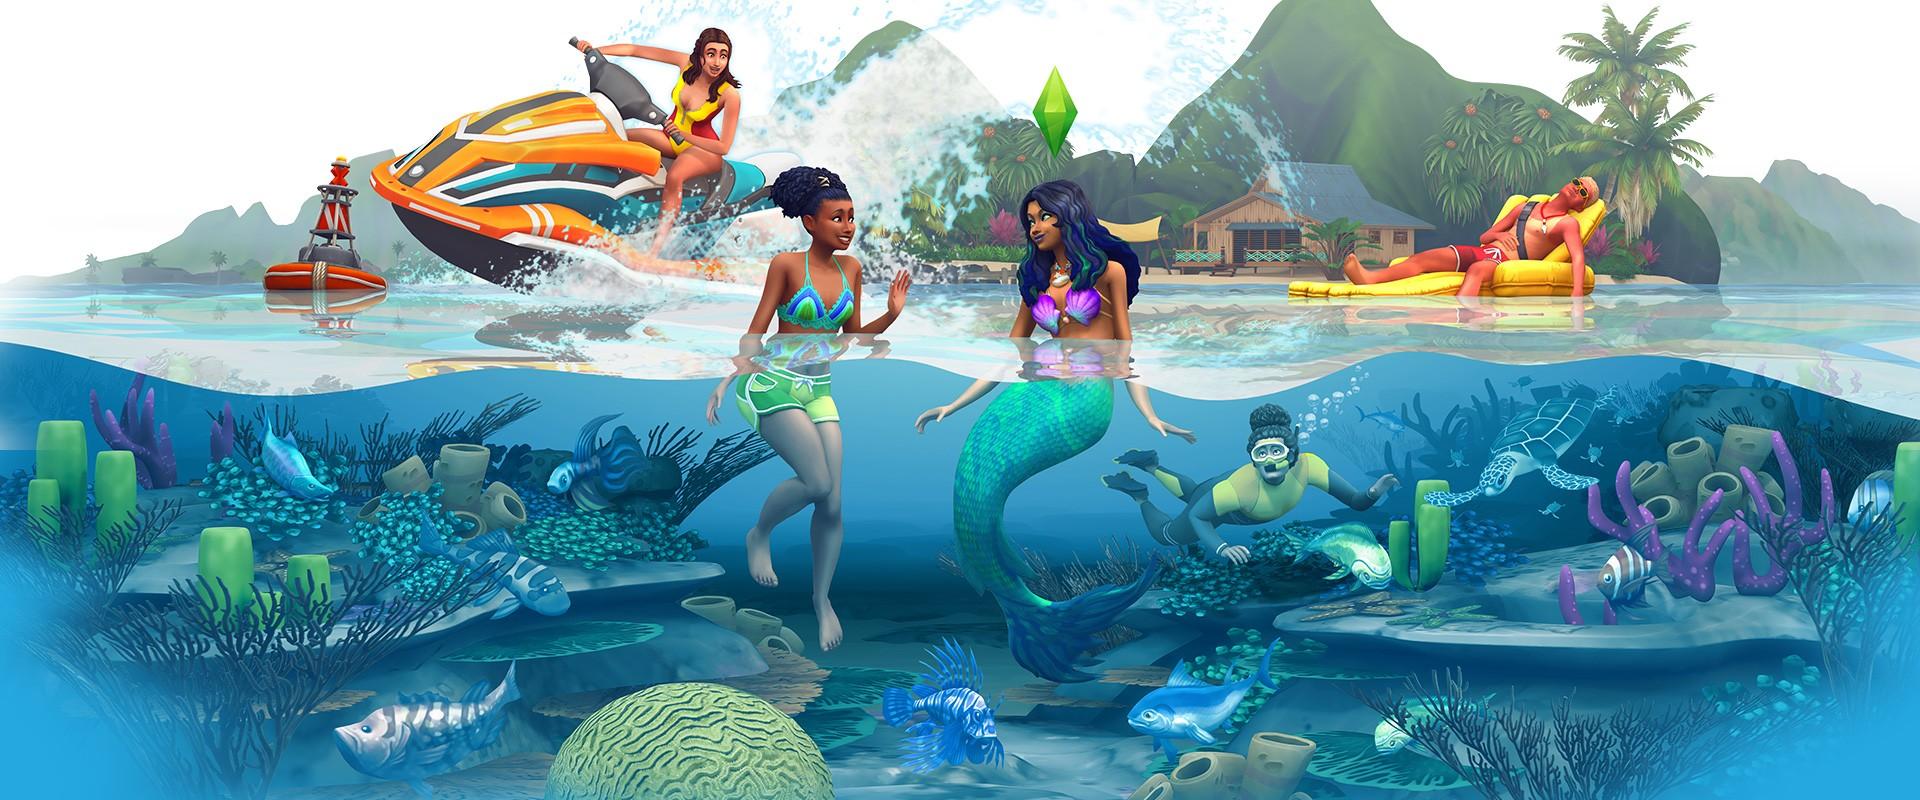 Jak sprawić, by Simowie przestali się spotykać w Sims Freeplay